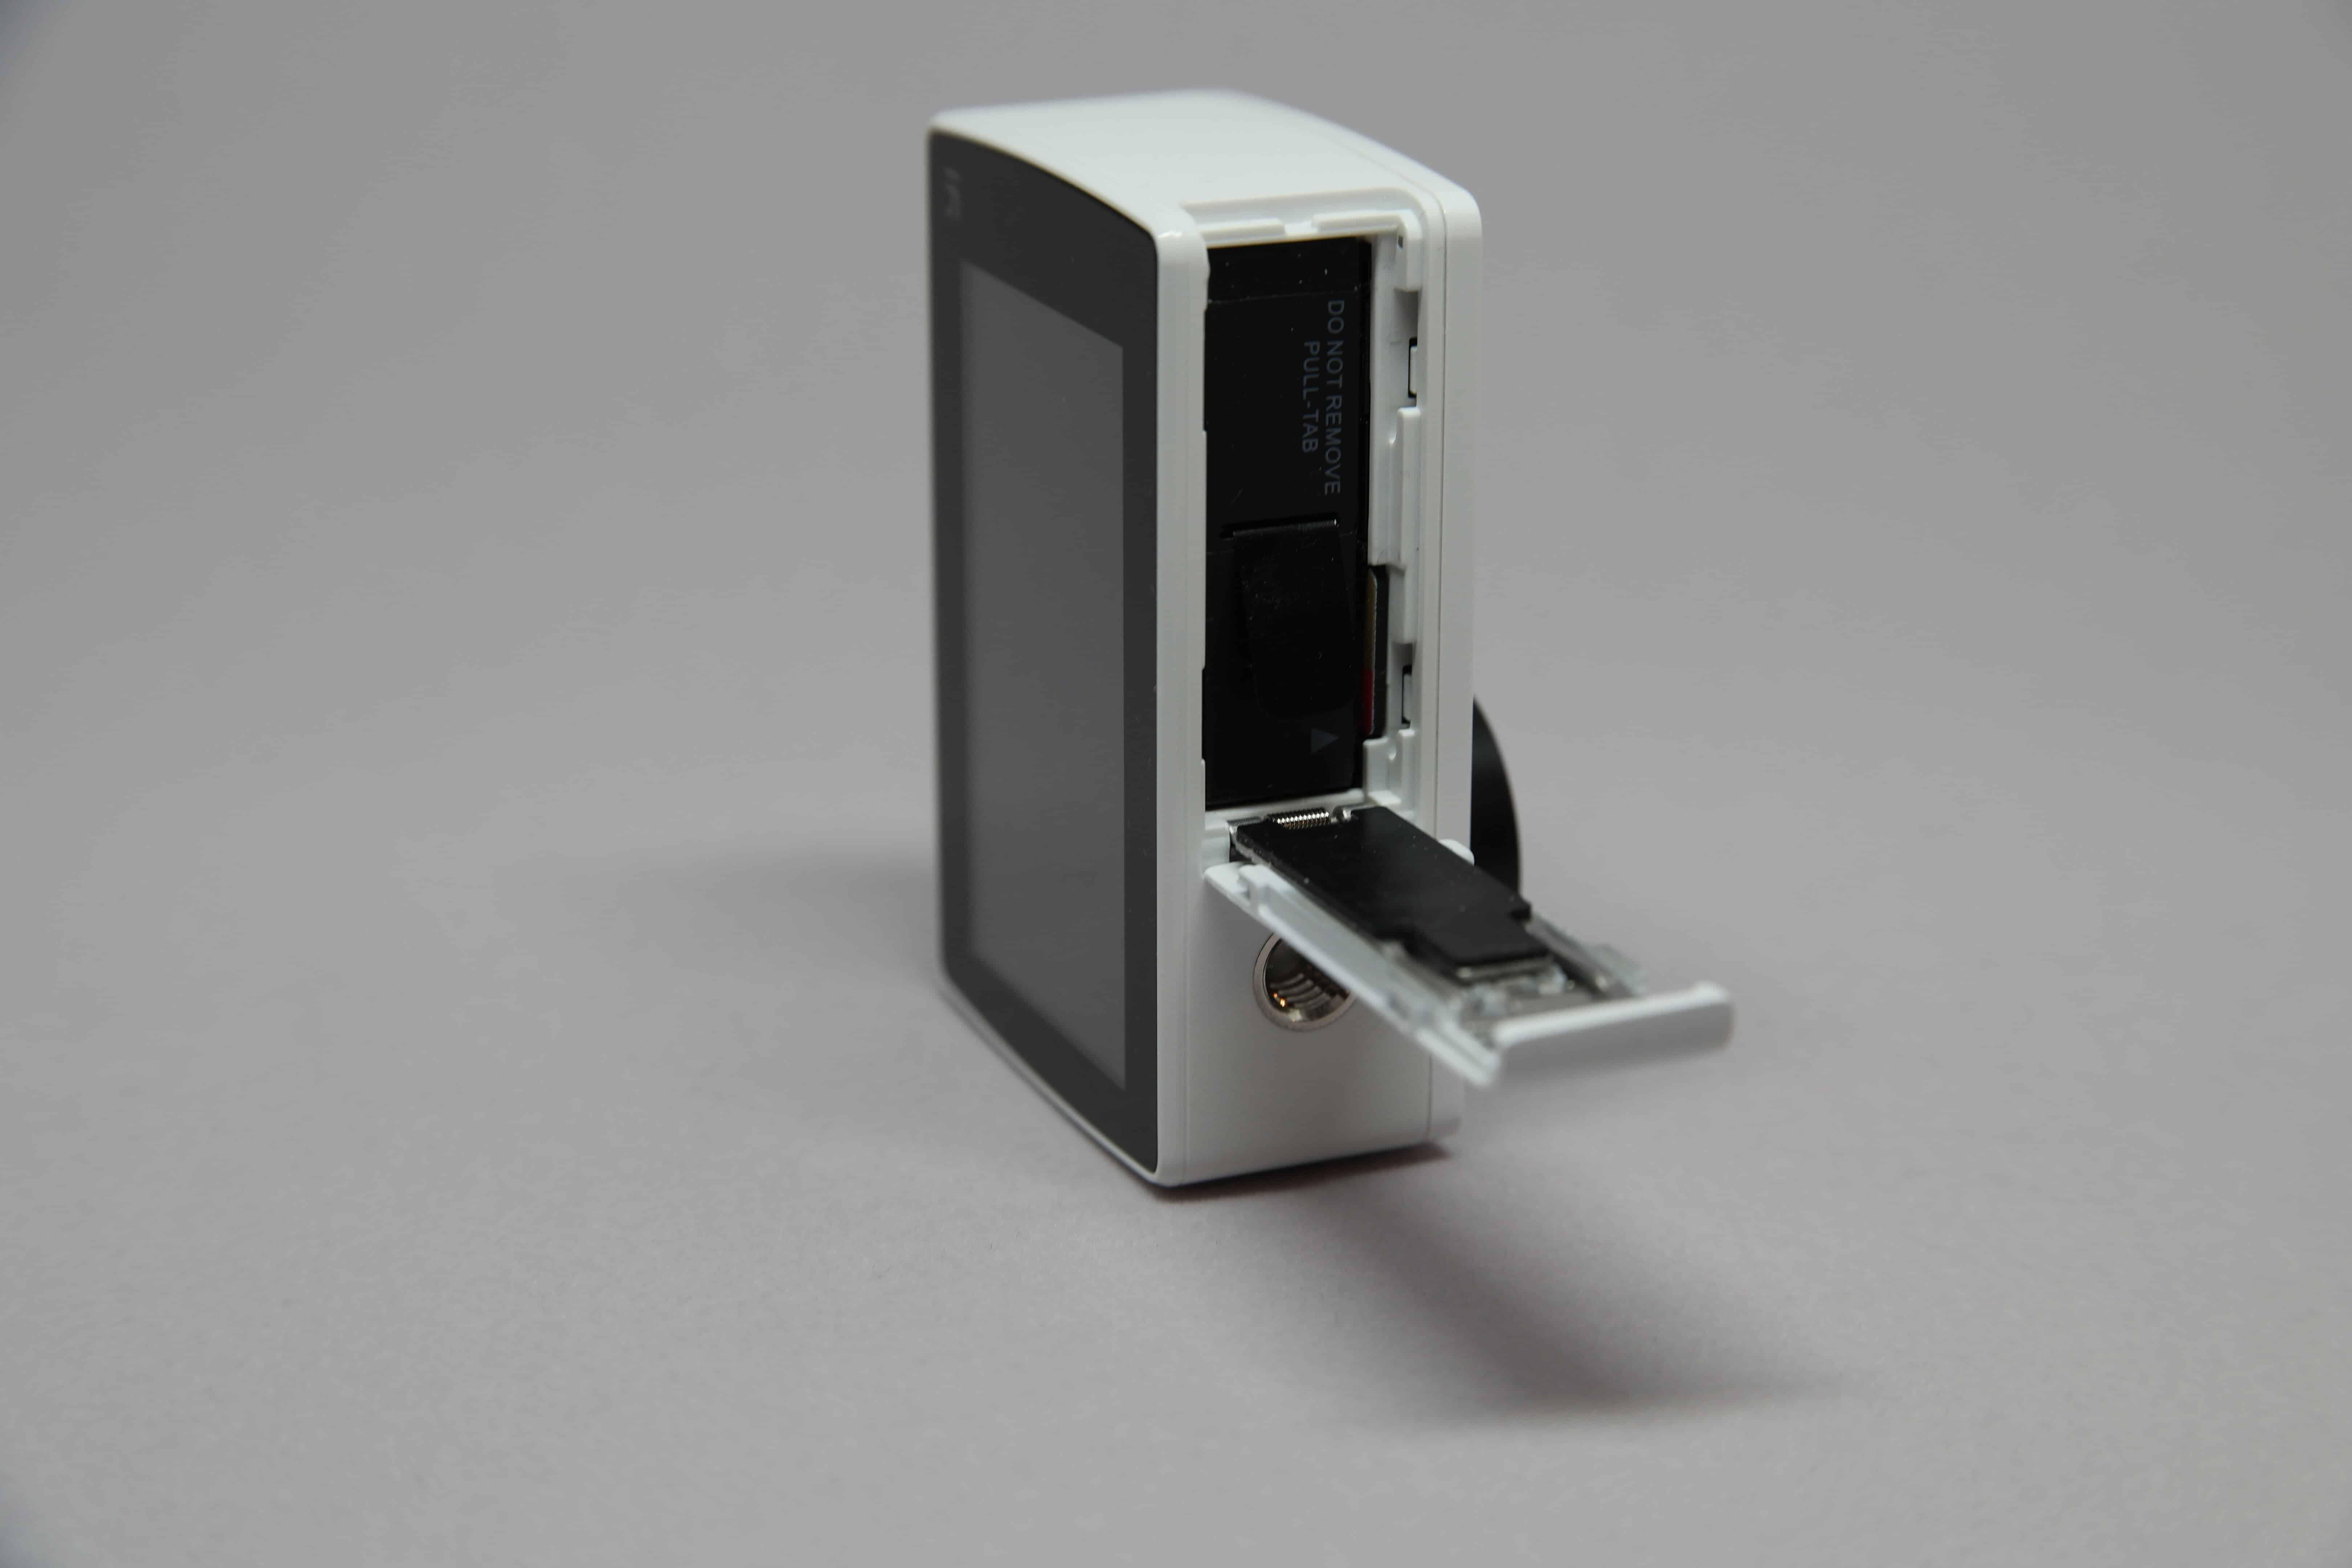 YI 4K battery door